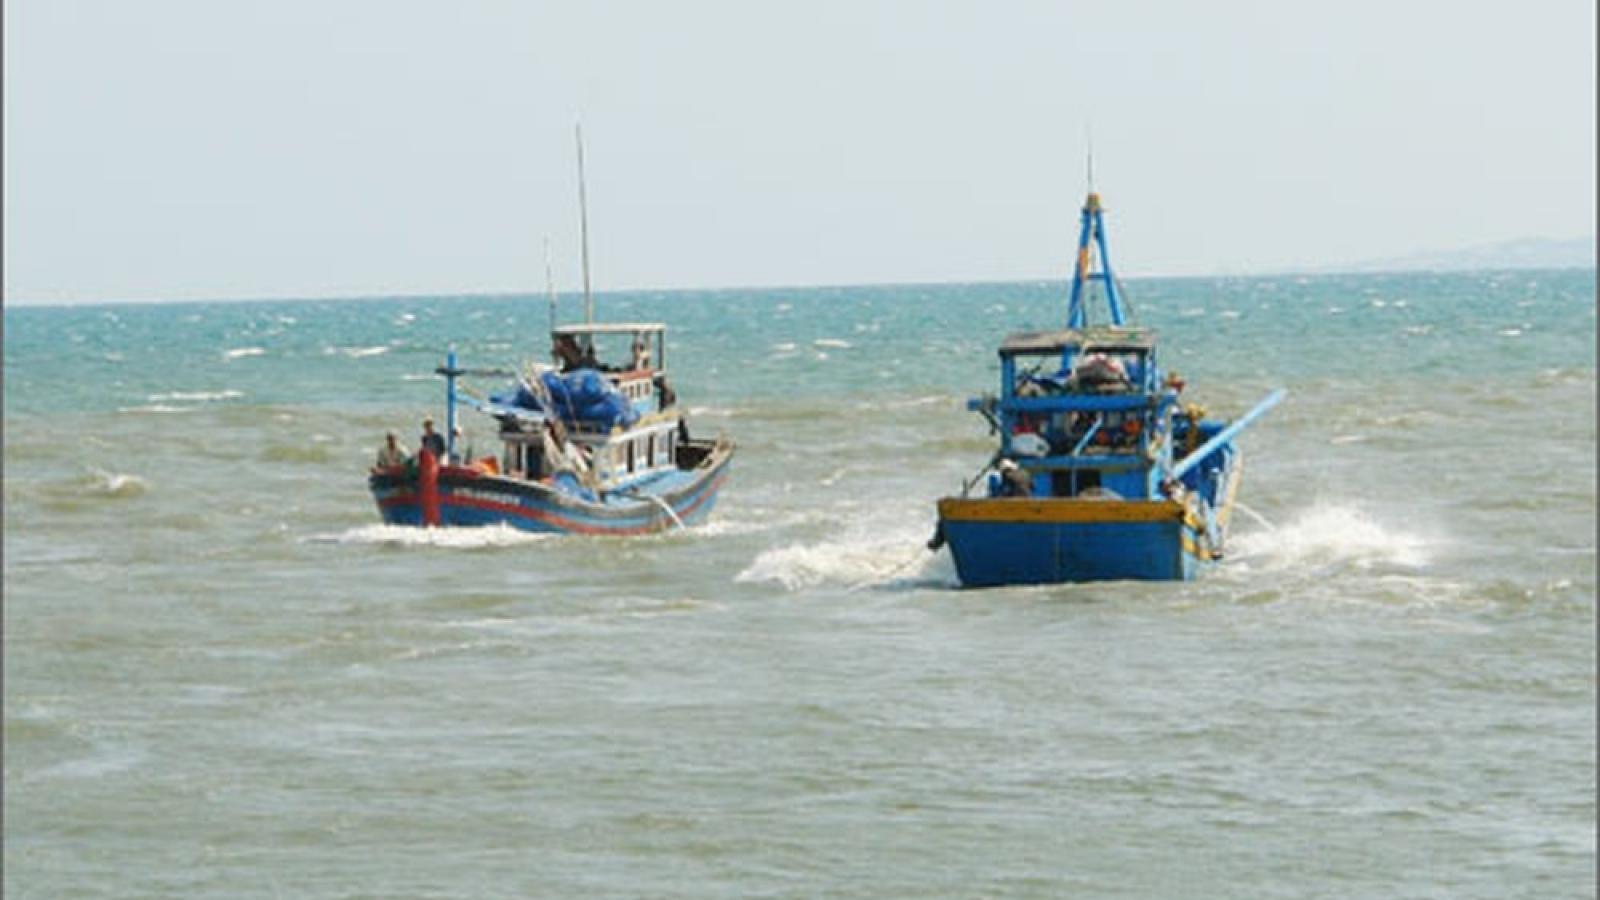 Hội Nghề cá Việt Nam phản đối Indonesia bắt giữ trái phép ngư dân Khánh Hòa